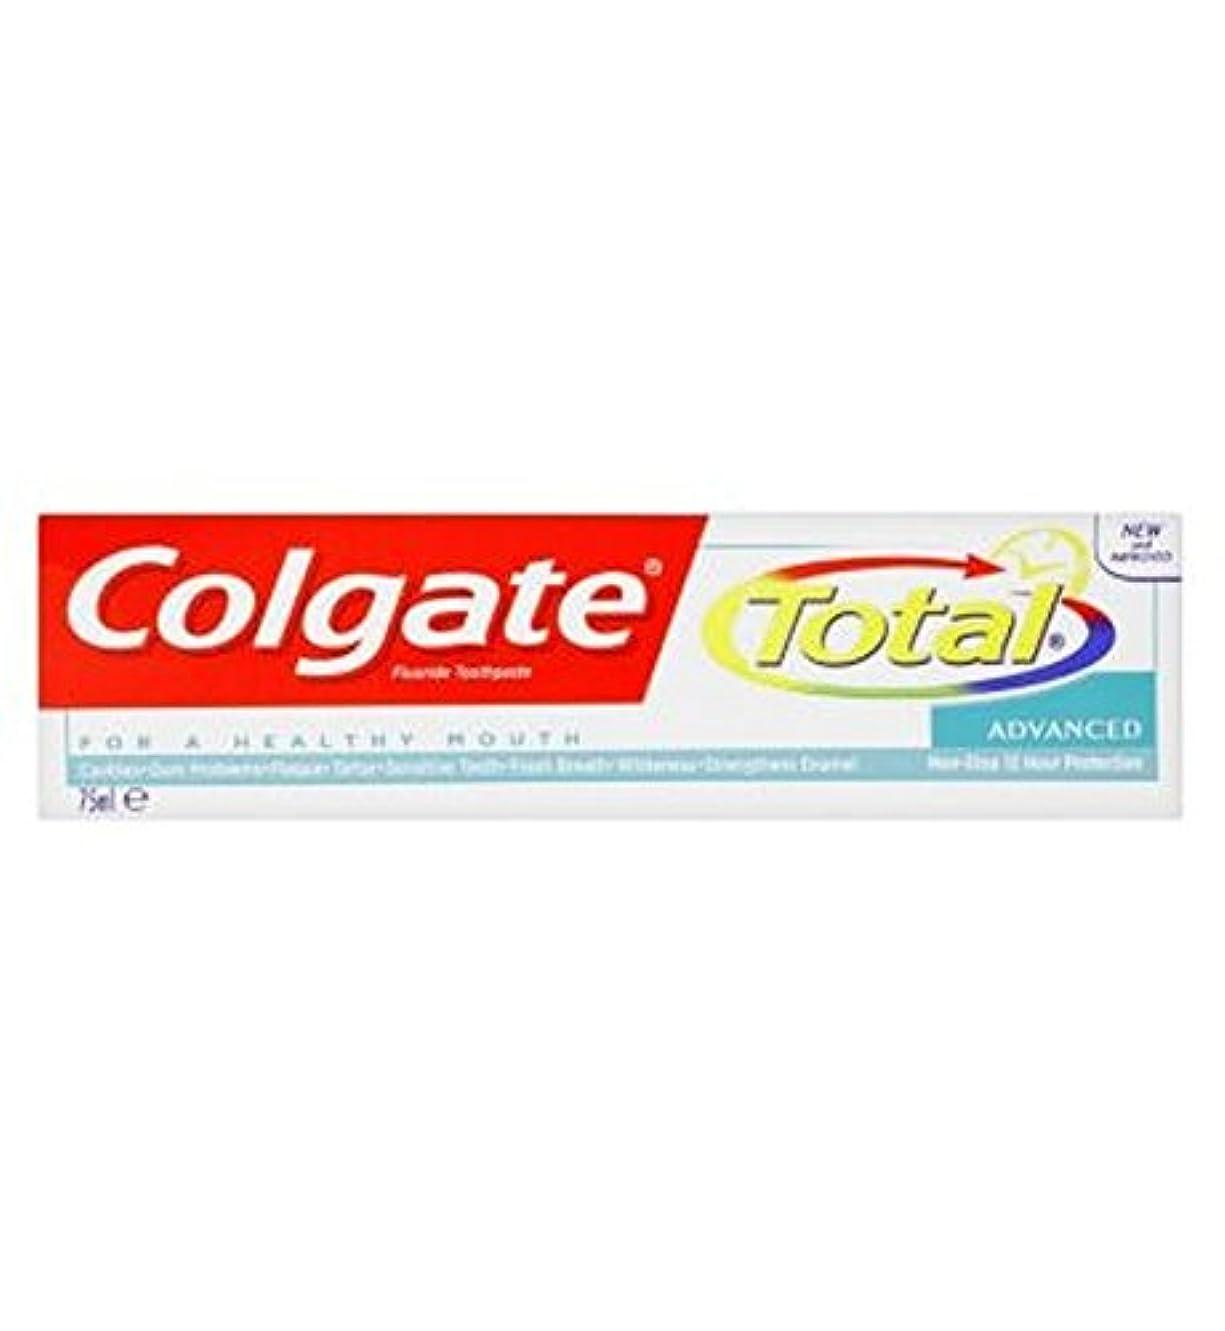 改修するレンズ学習者Colgate Total Advanced toothpaste 75ml - コルゲートトータル高度な歯磨き粉75ミリリットル (Colgate) [並行輸入品]